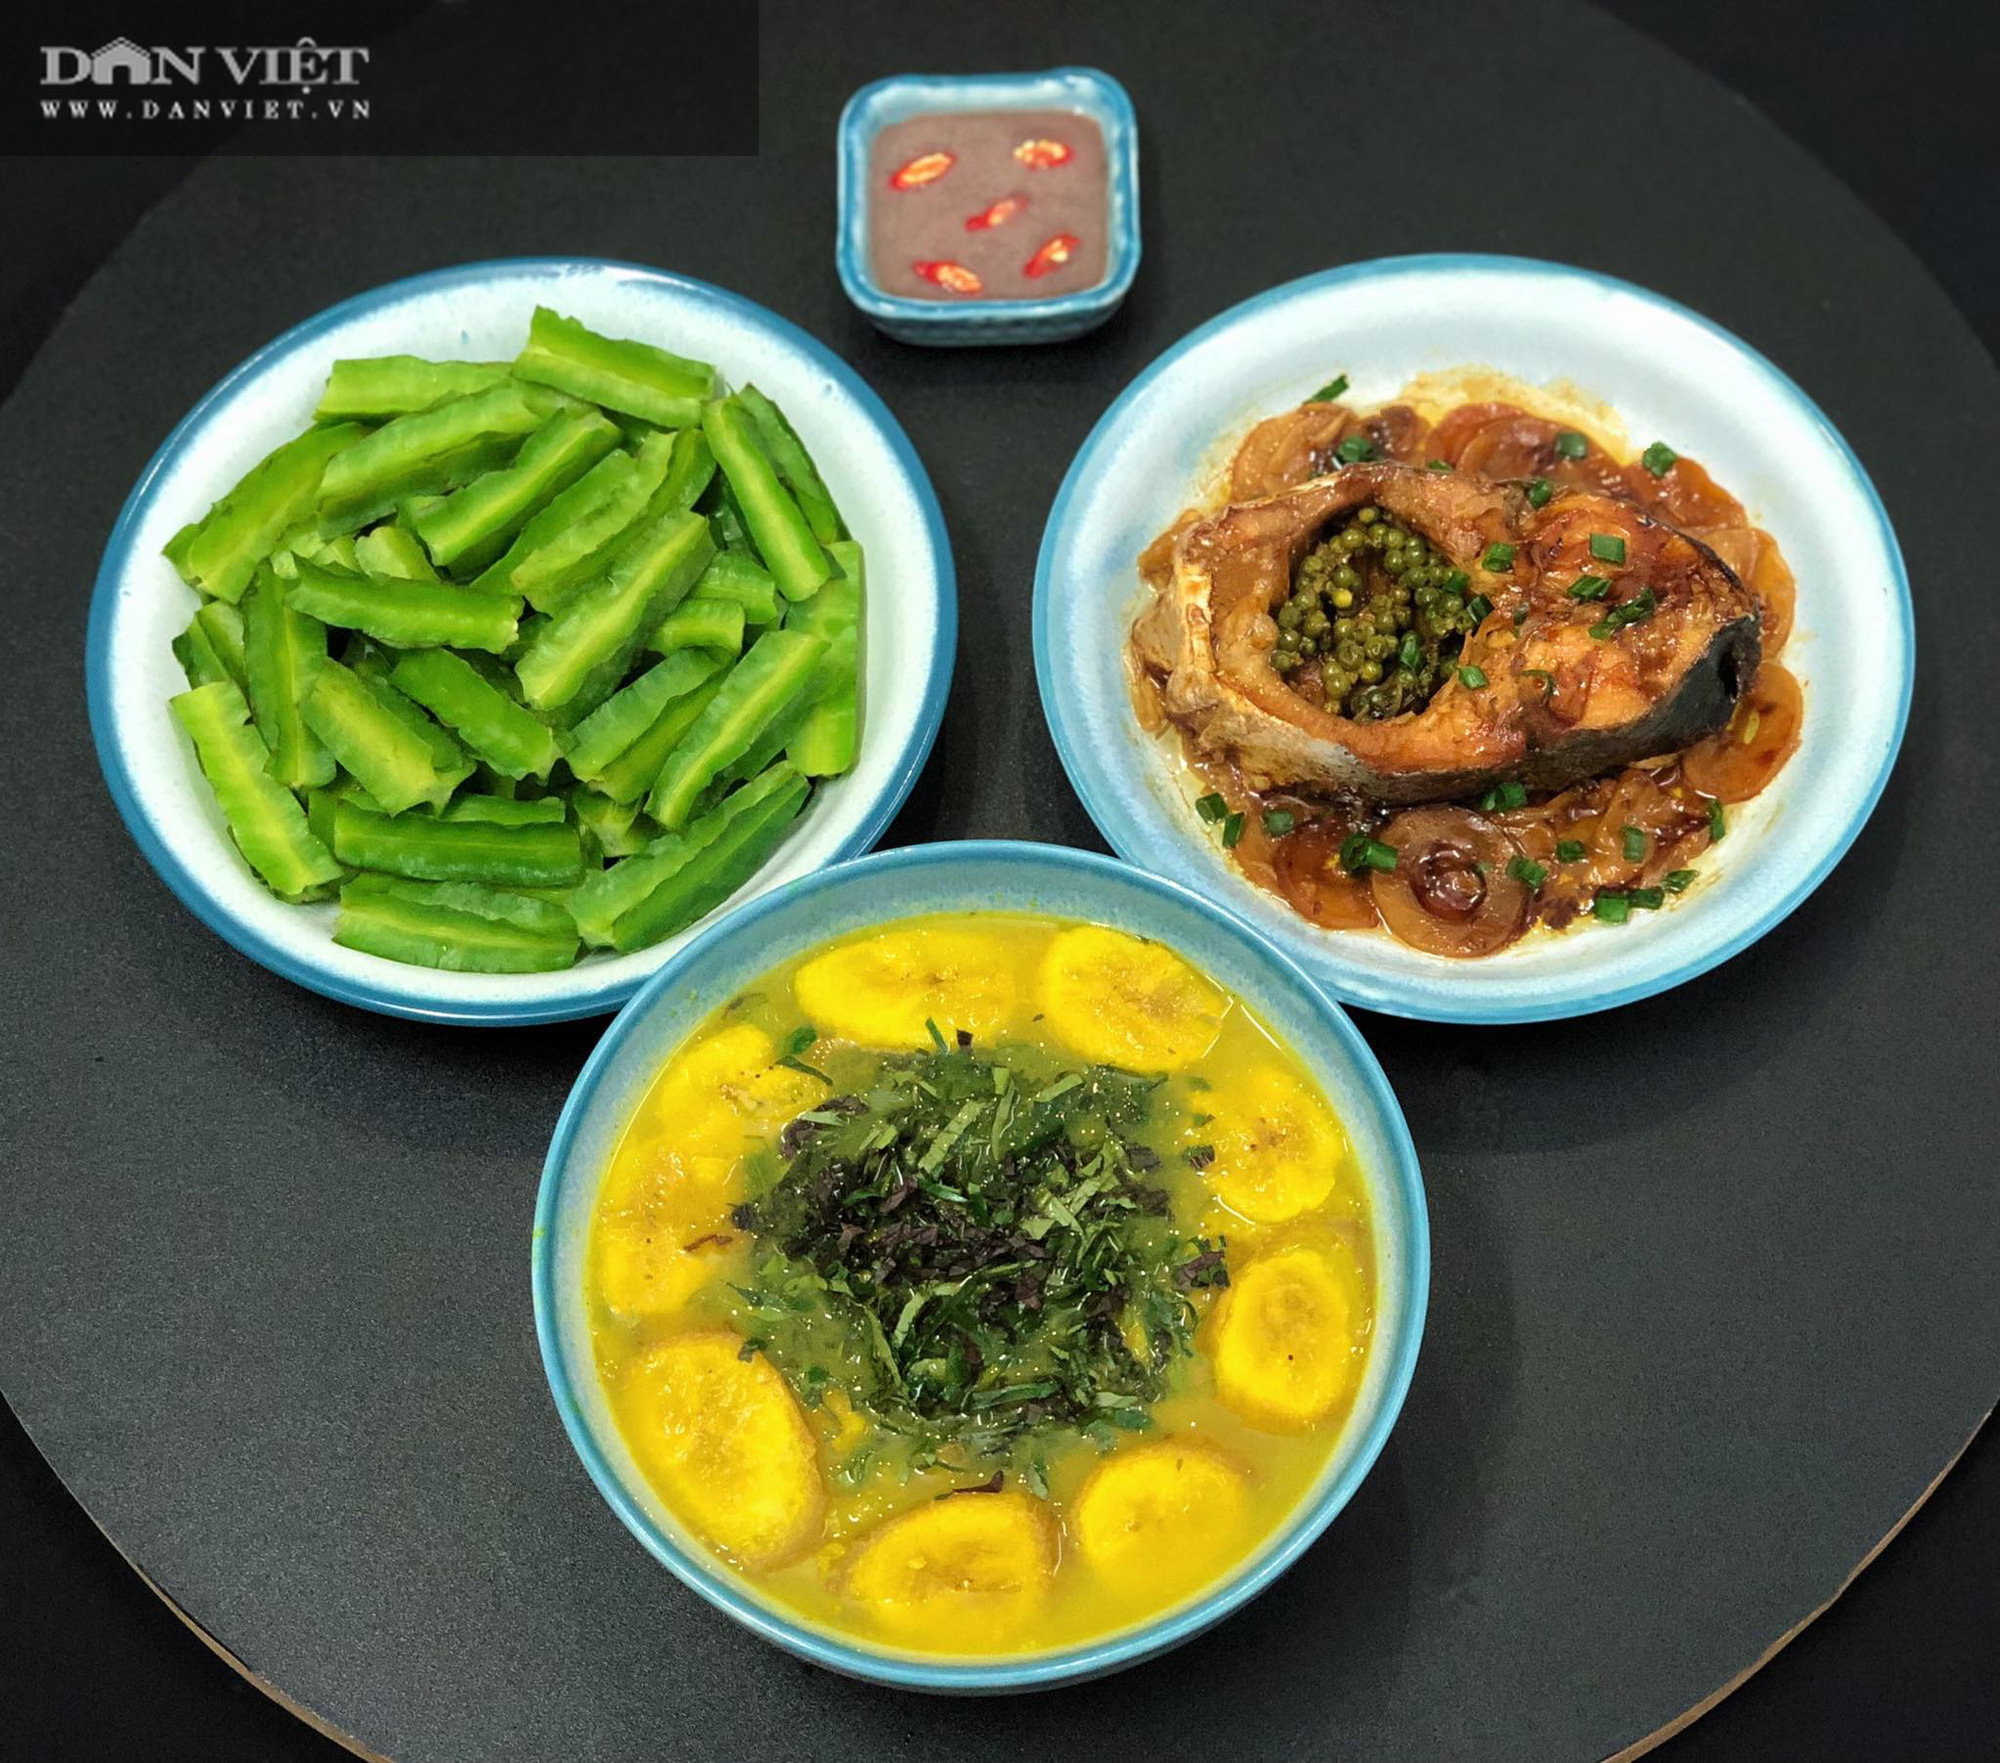 Mẹ đảm Hà thành gợi ý thực đơn cơm nhà đẹp mắt, đủ dinh dưỡng - Ảnh 6.